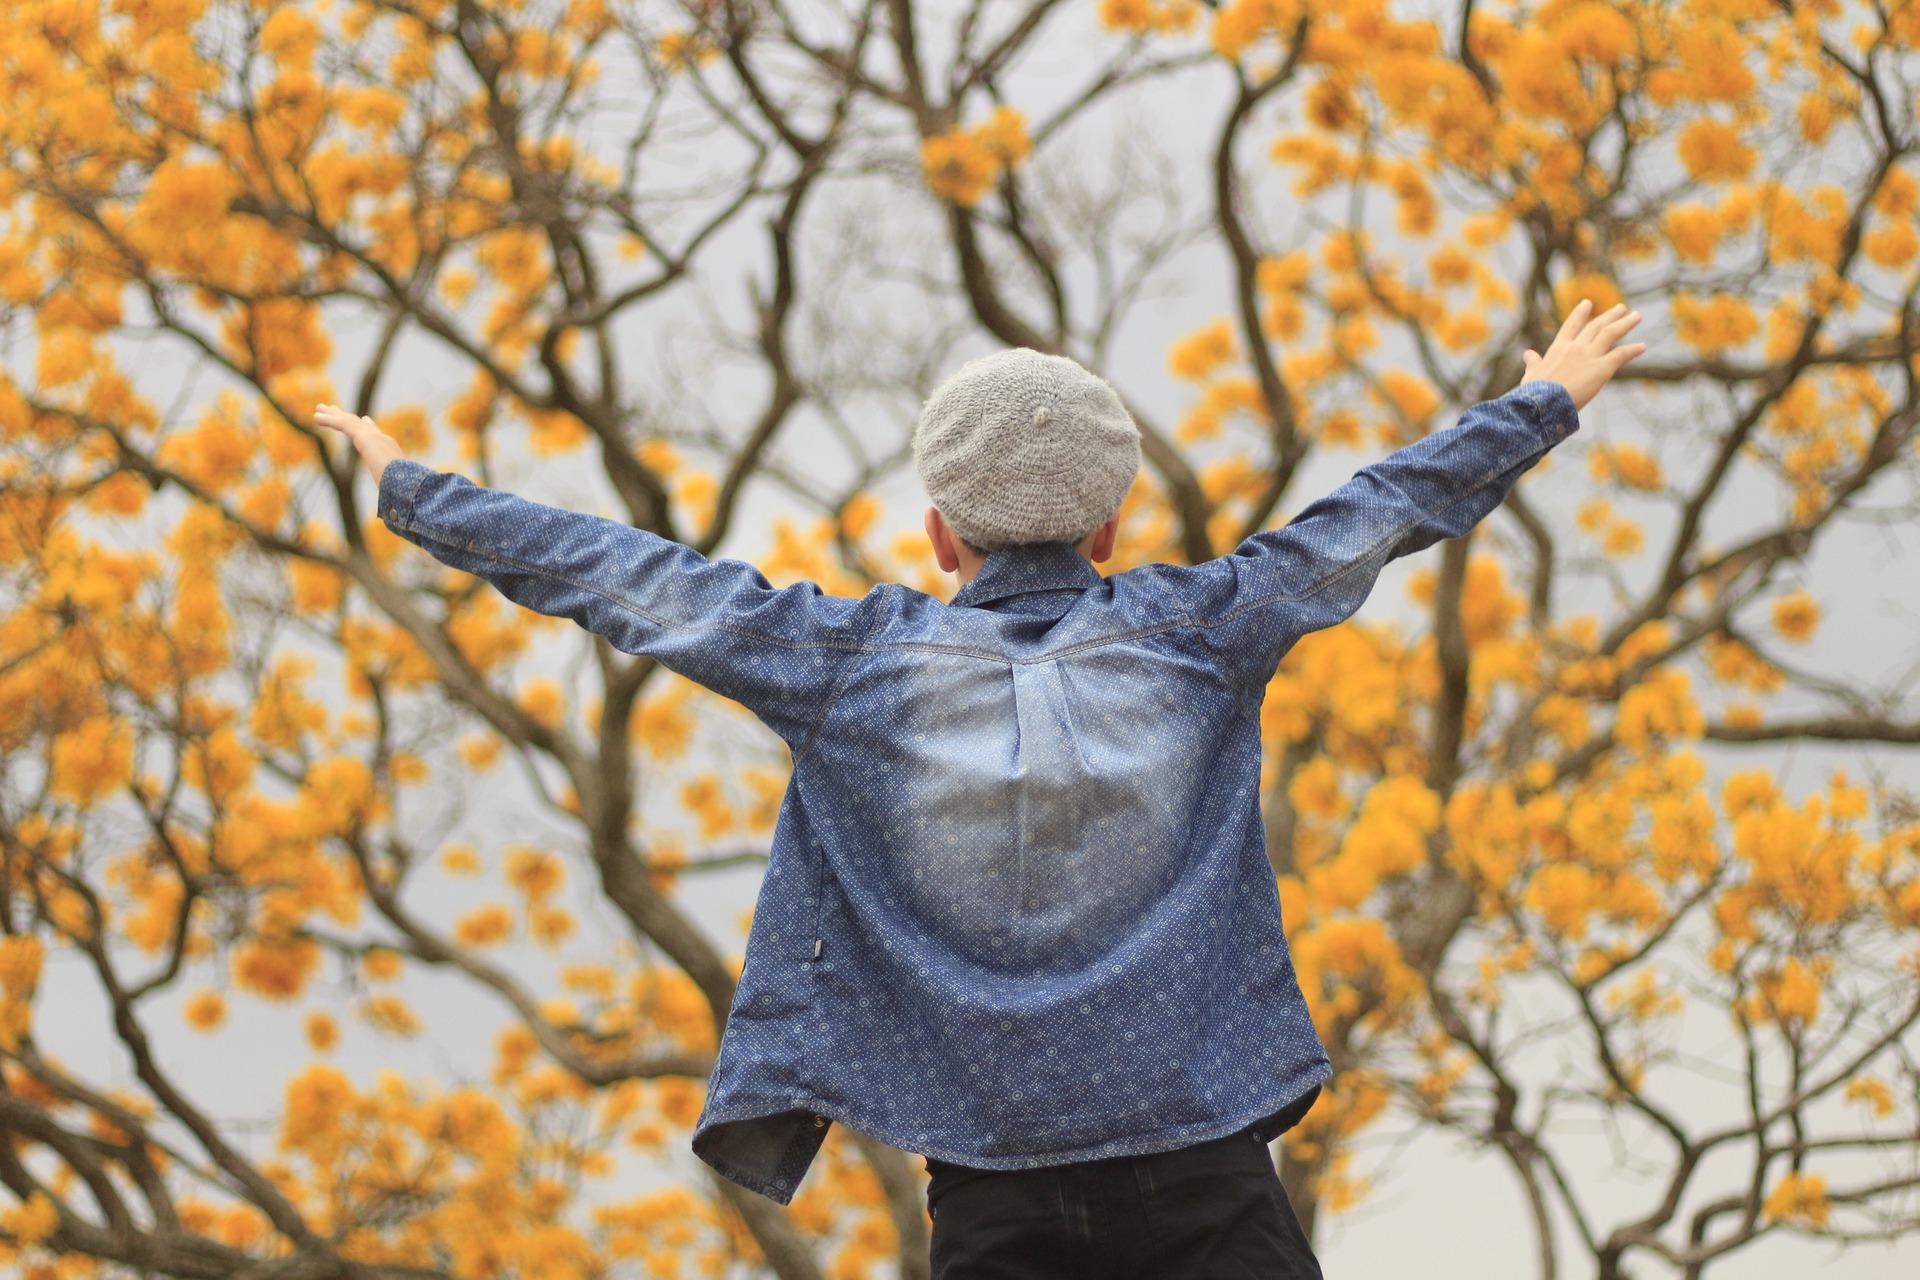 enfant heureux à l'automne